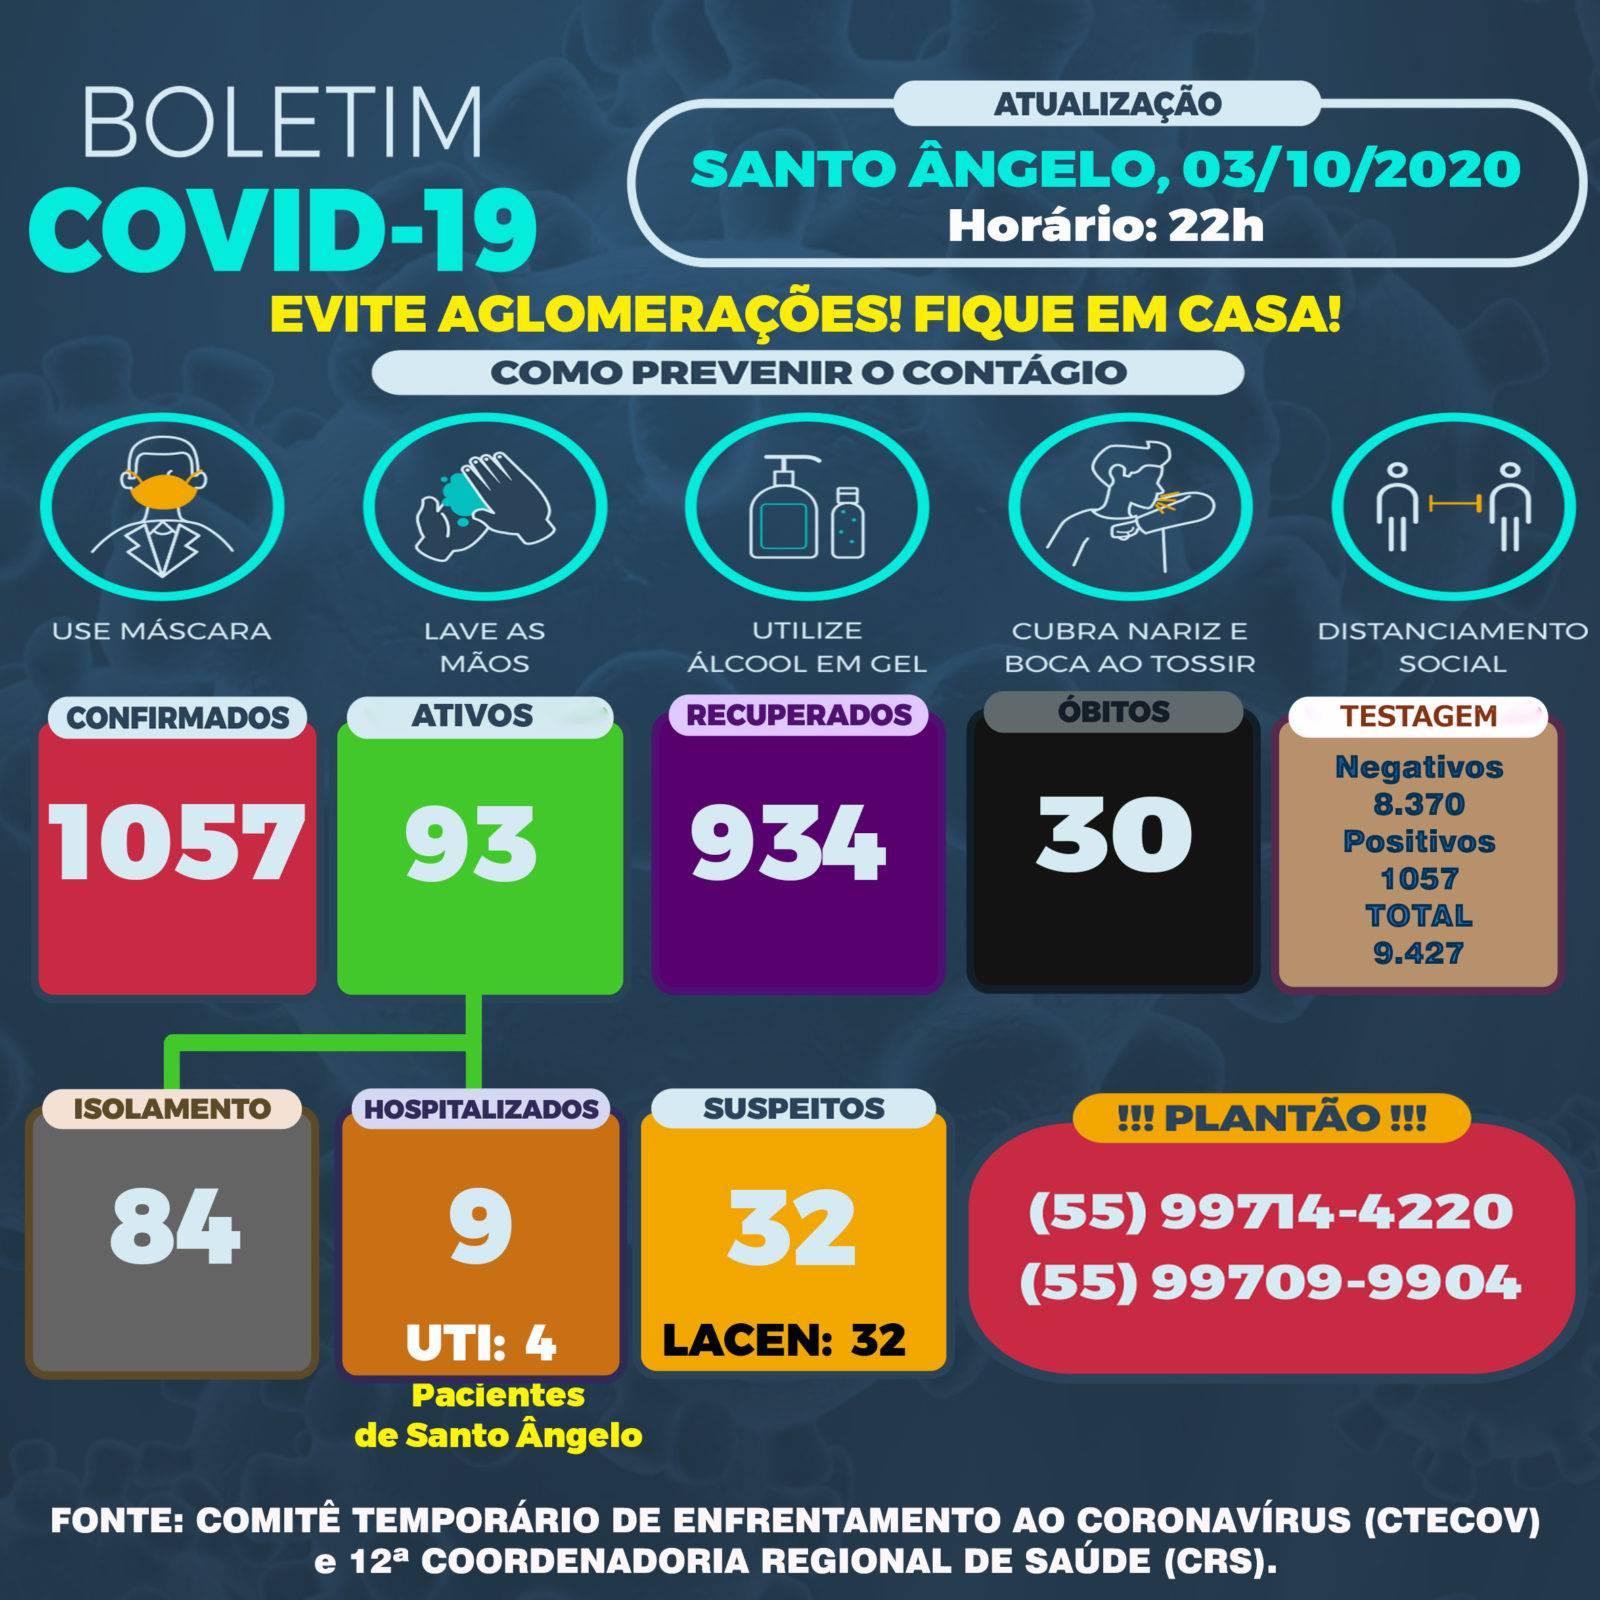 Santo Ângelo atualiza os dados da Covid-19 também no final de semana